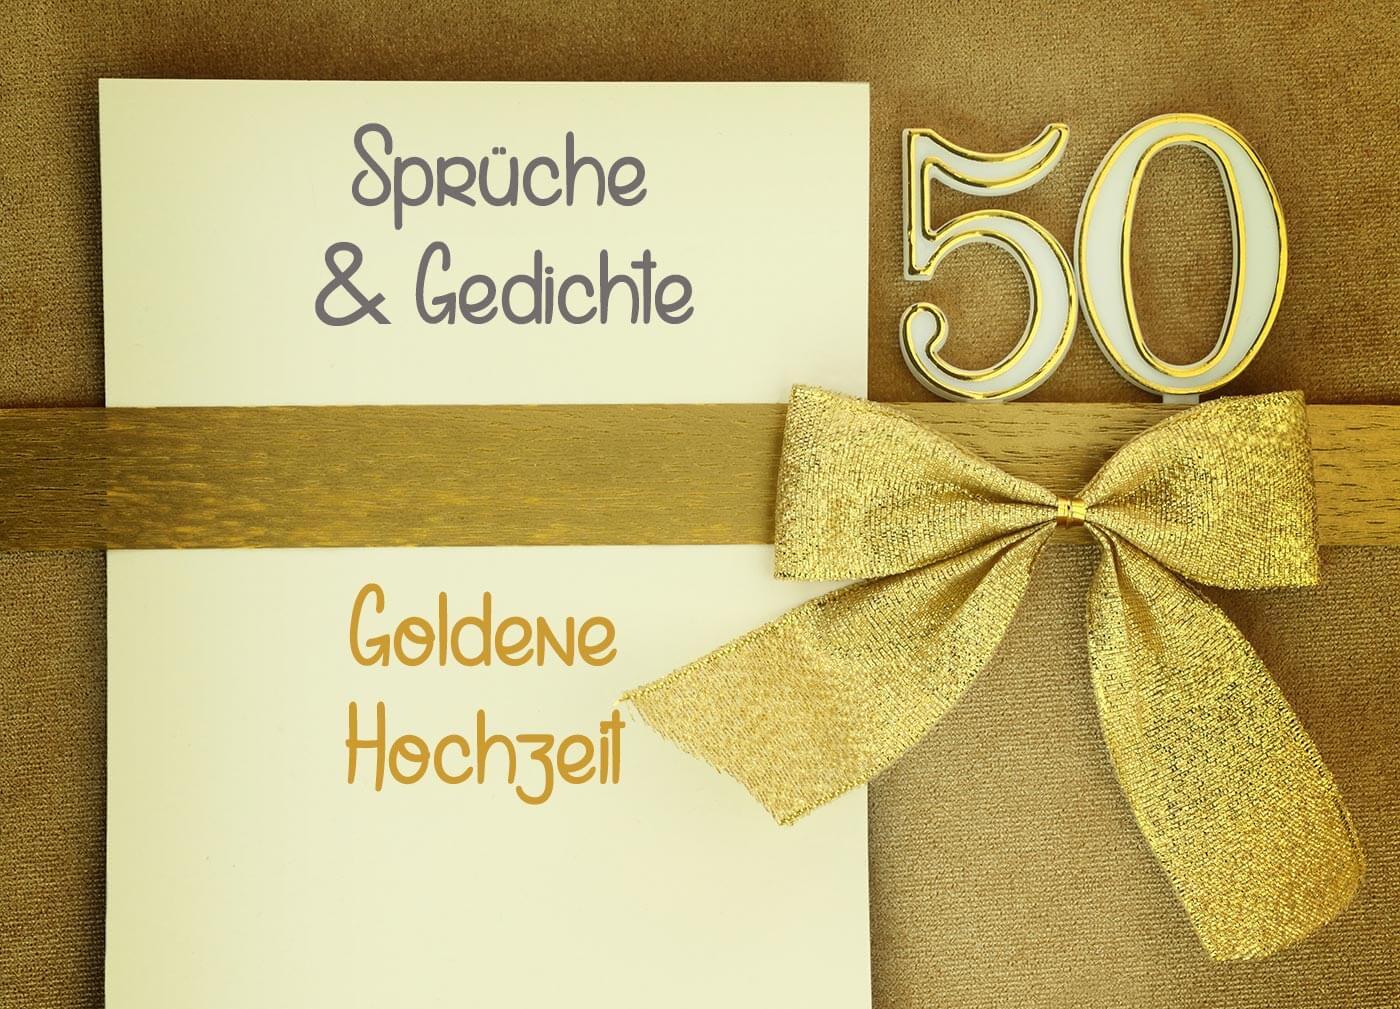 50 Jahre Miteinander Zur Goldenen Hochzeit  Sprüche zur Goldenen Hochzeit Zitate Gedichte